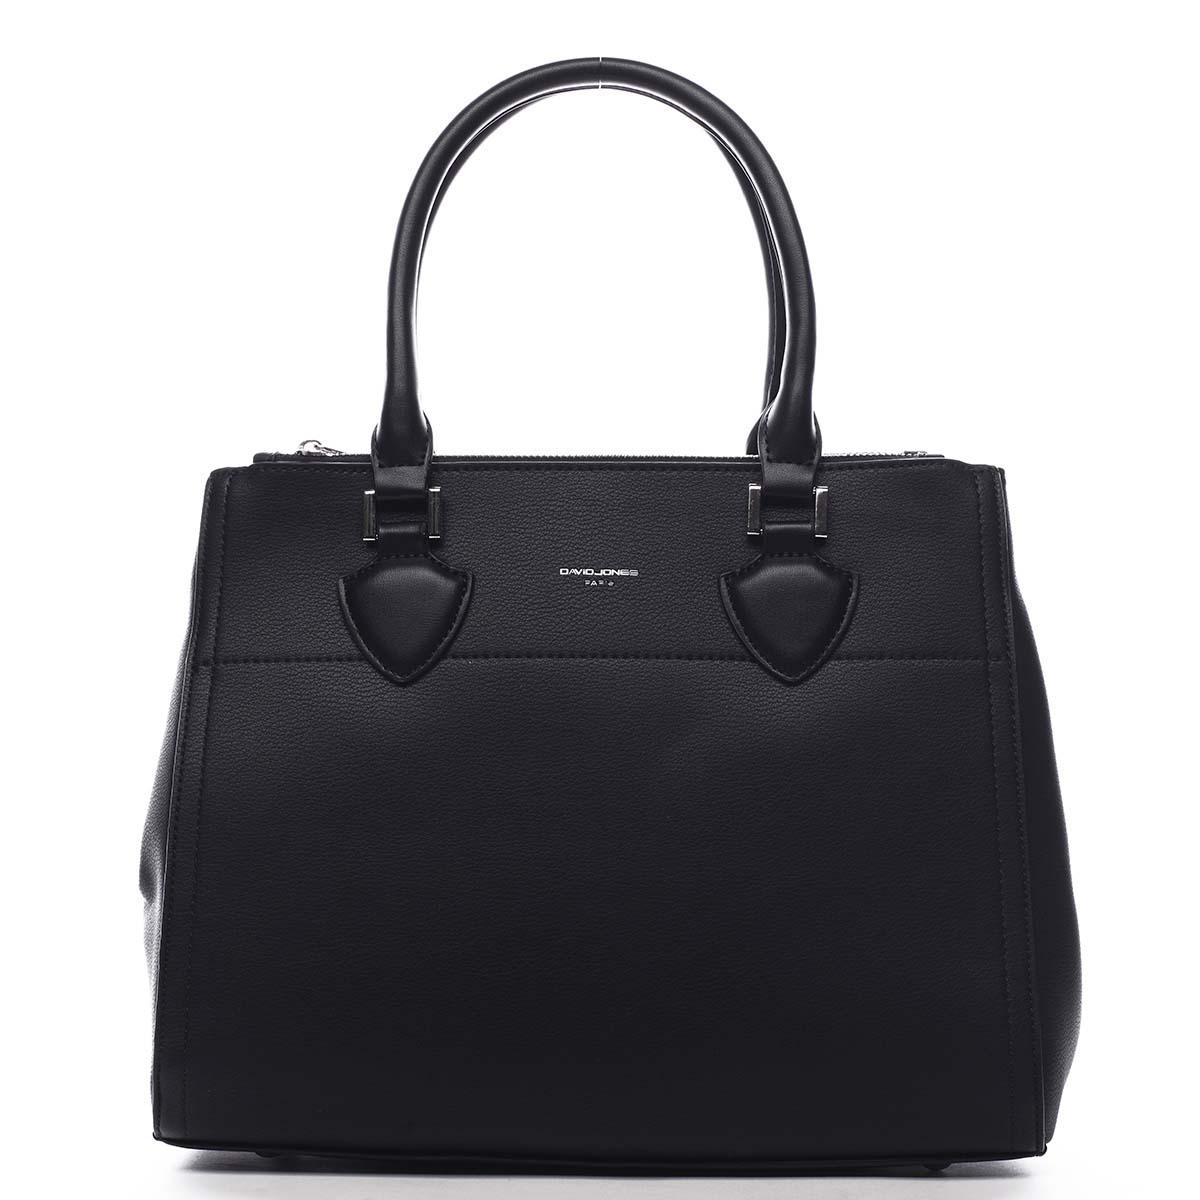 Dámská kabelka černá - David Jones Mille černá